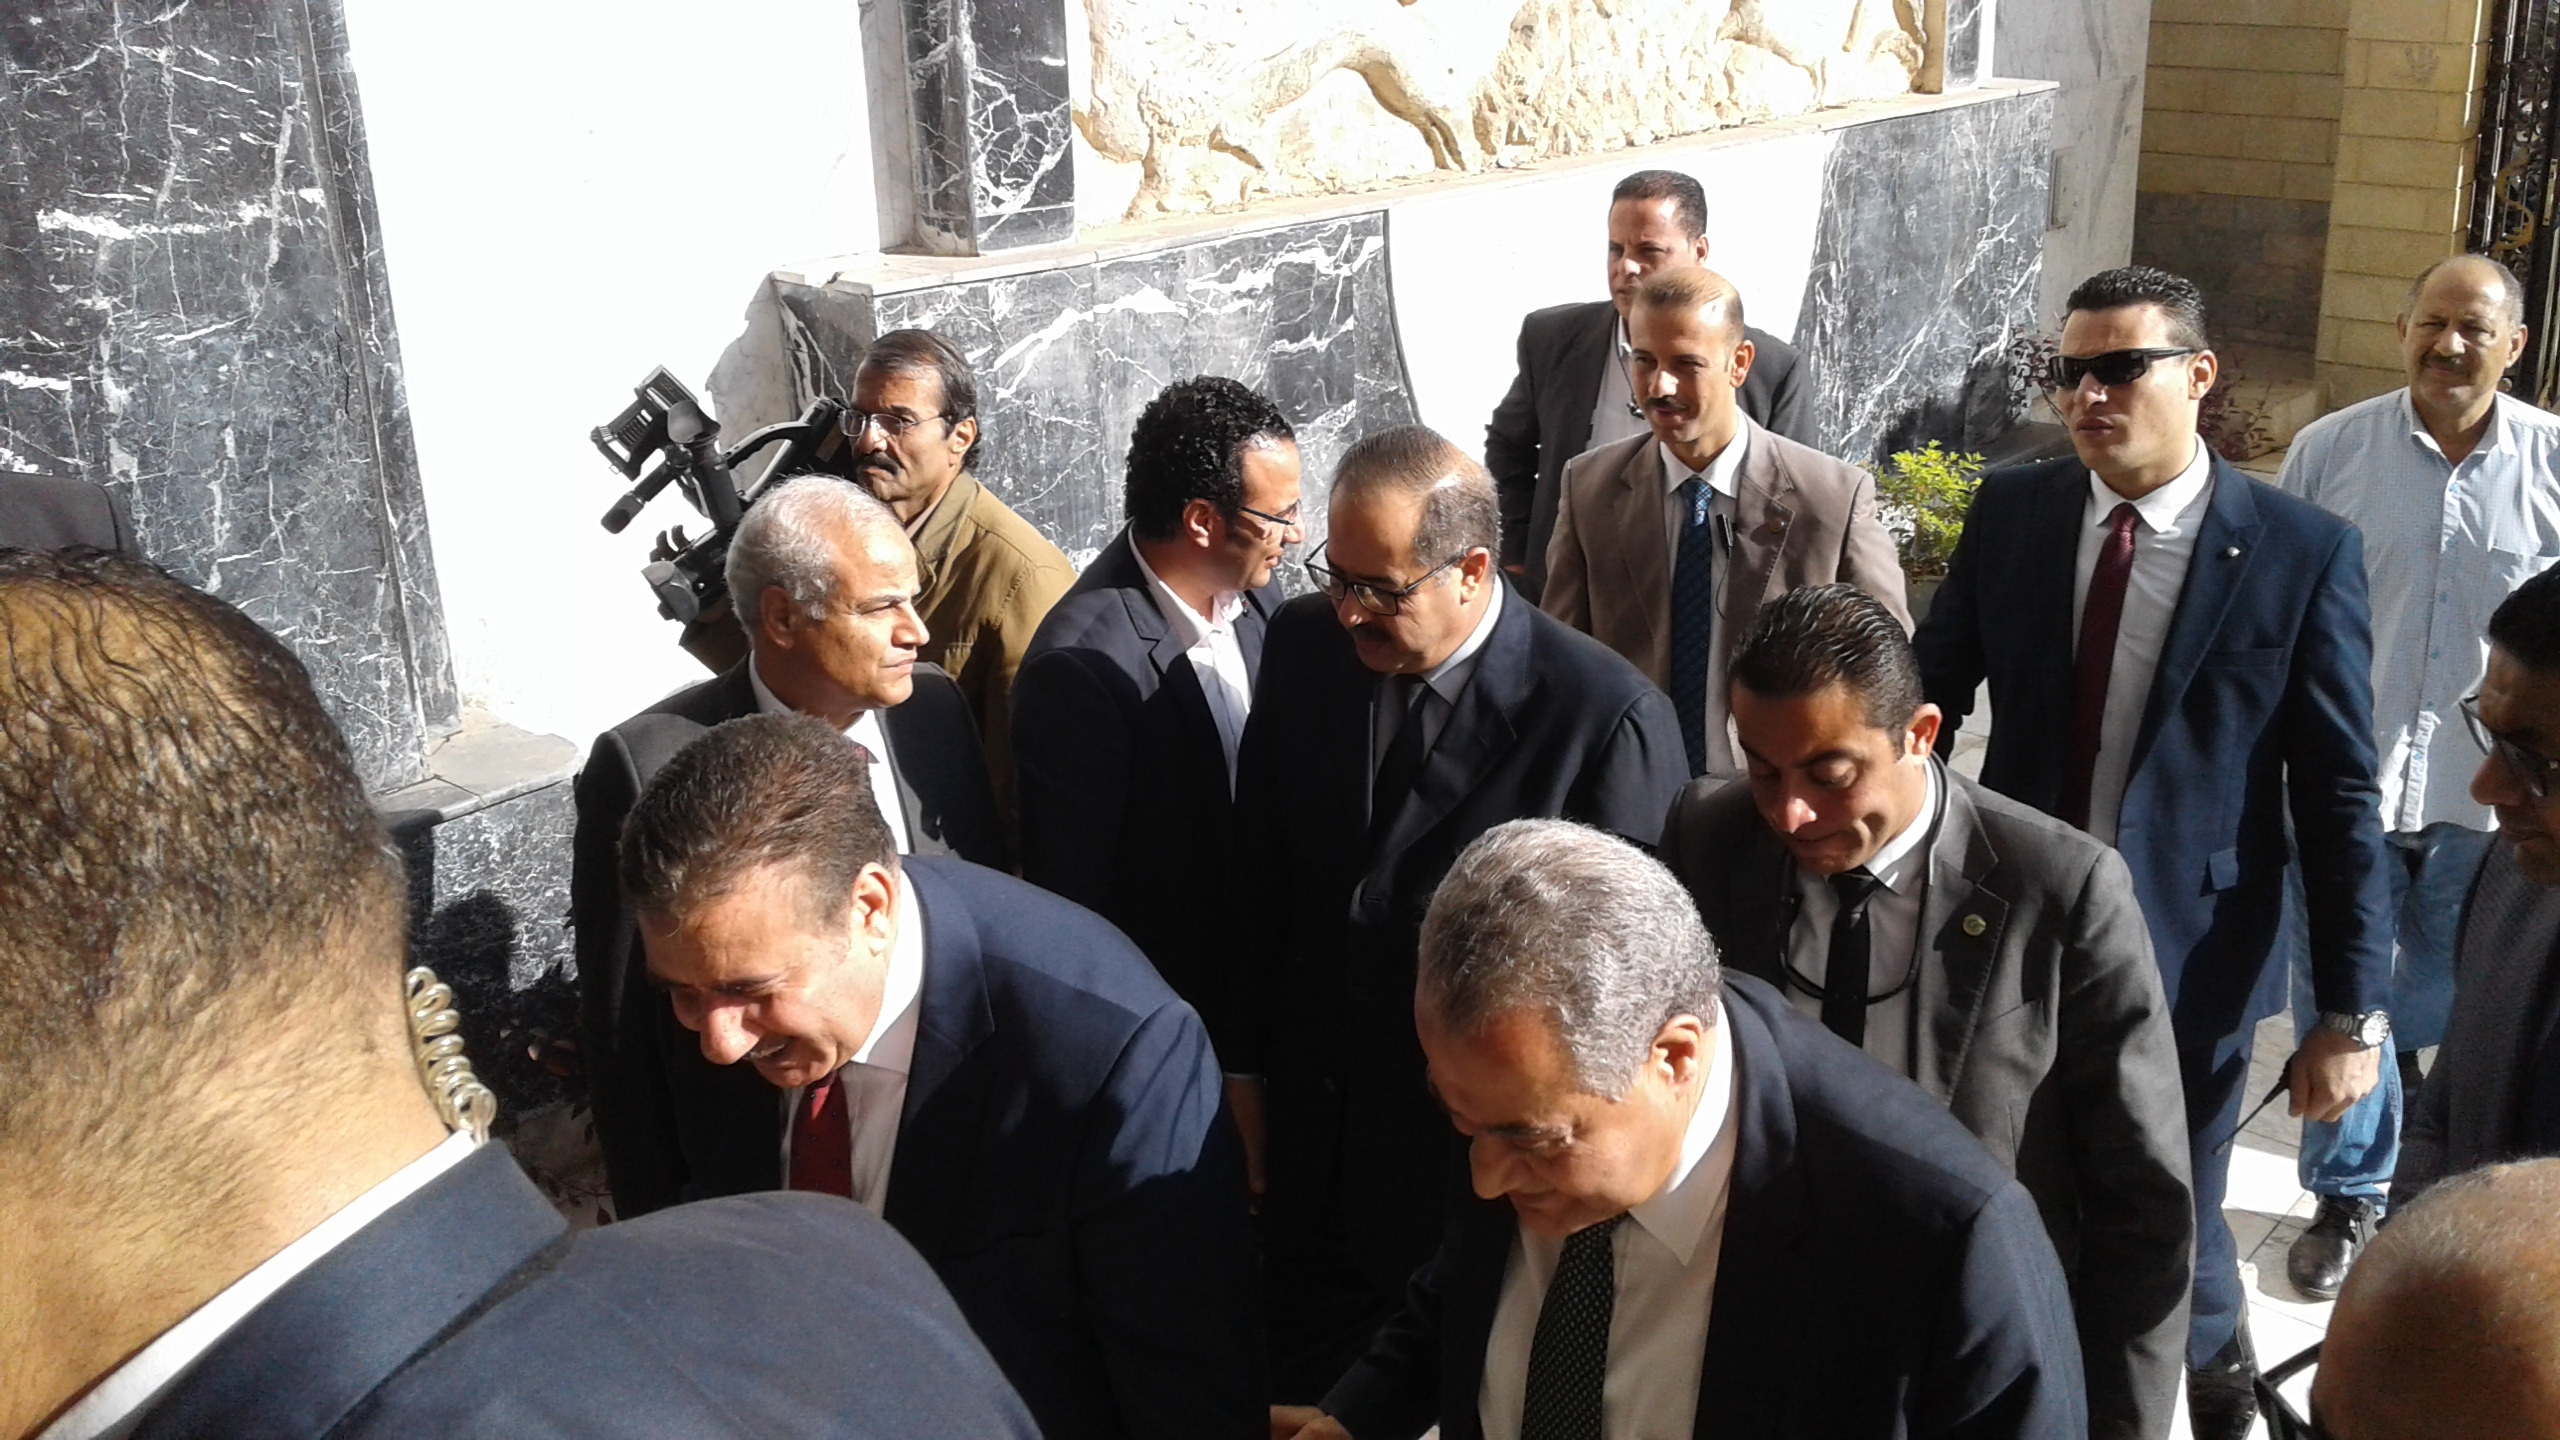 محافظ المنوفية يستقبل وزير التموين لوضع حجر اساس مشروع دلتا لاند مارك (1)